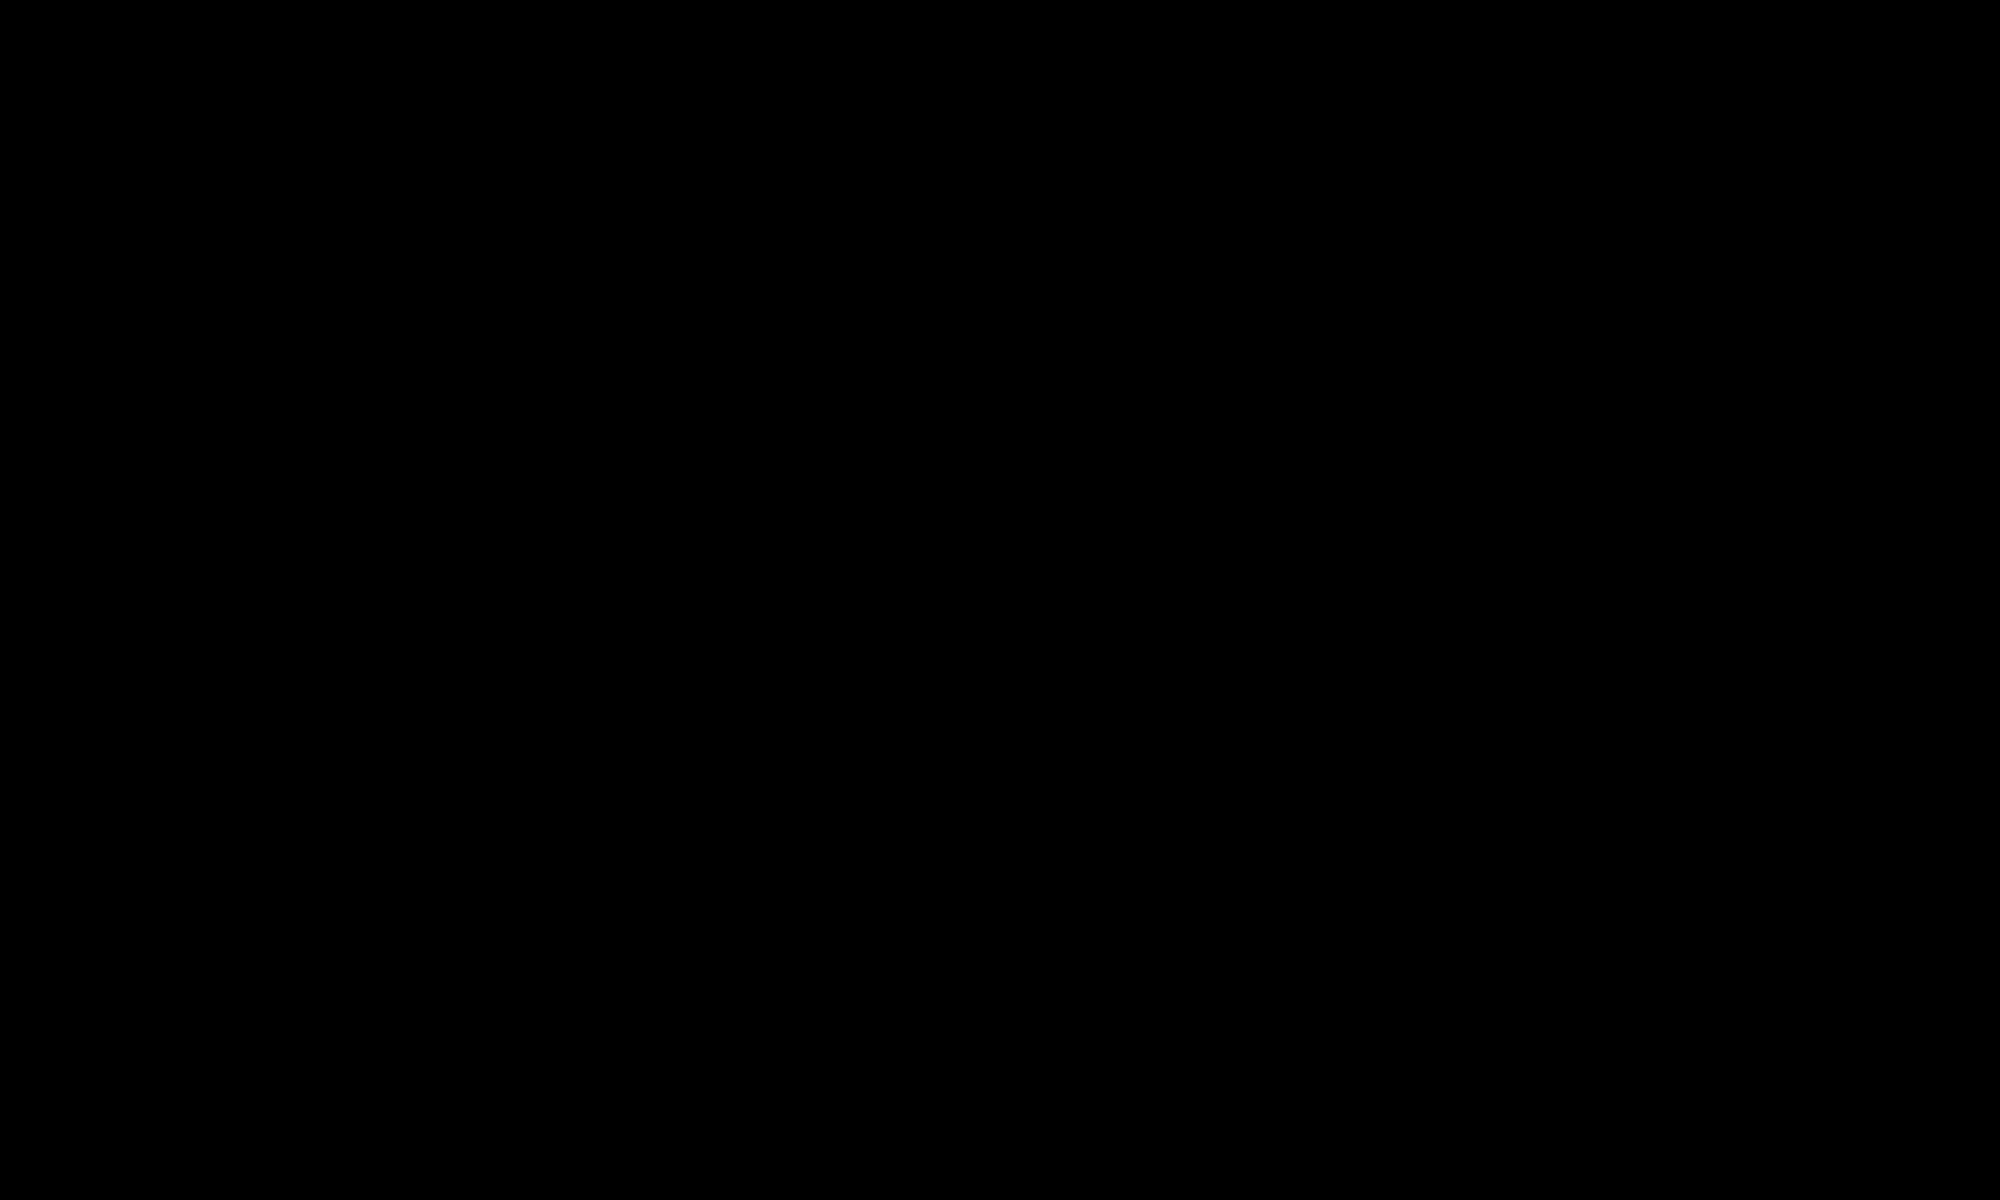 Pojazd holowany na lawecie